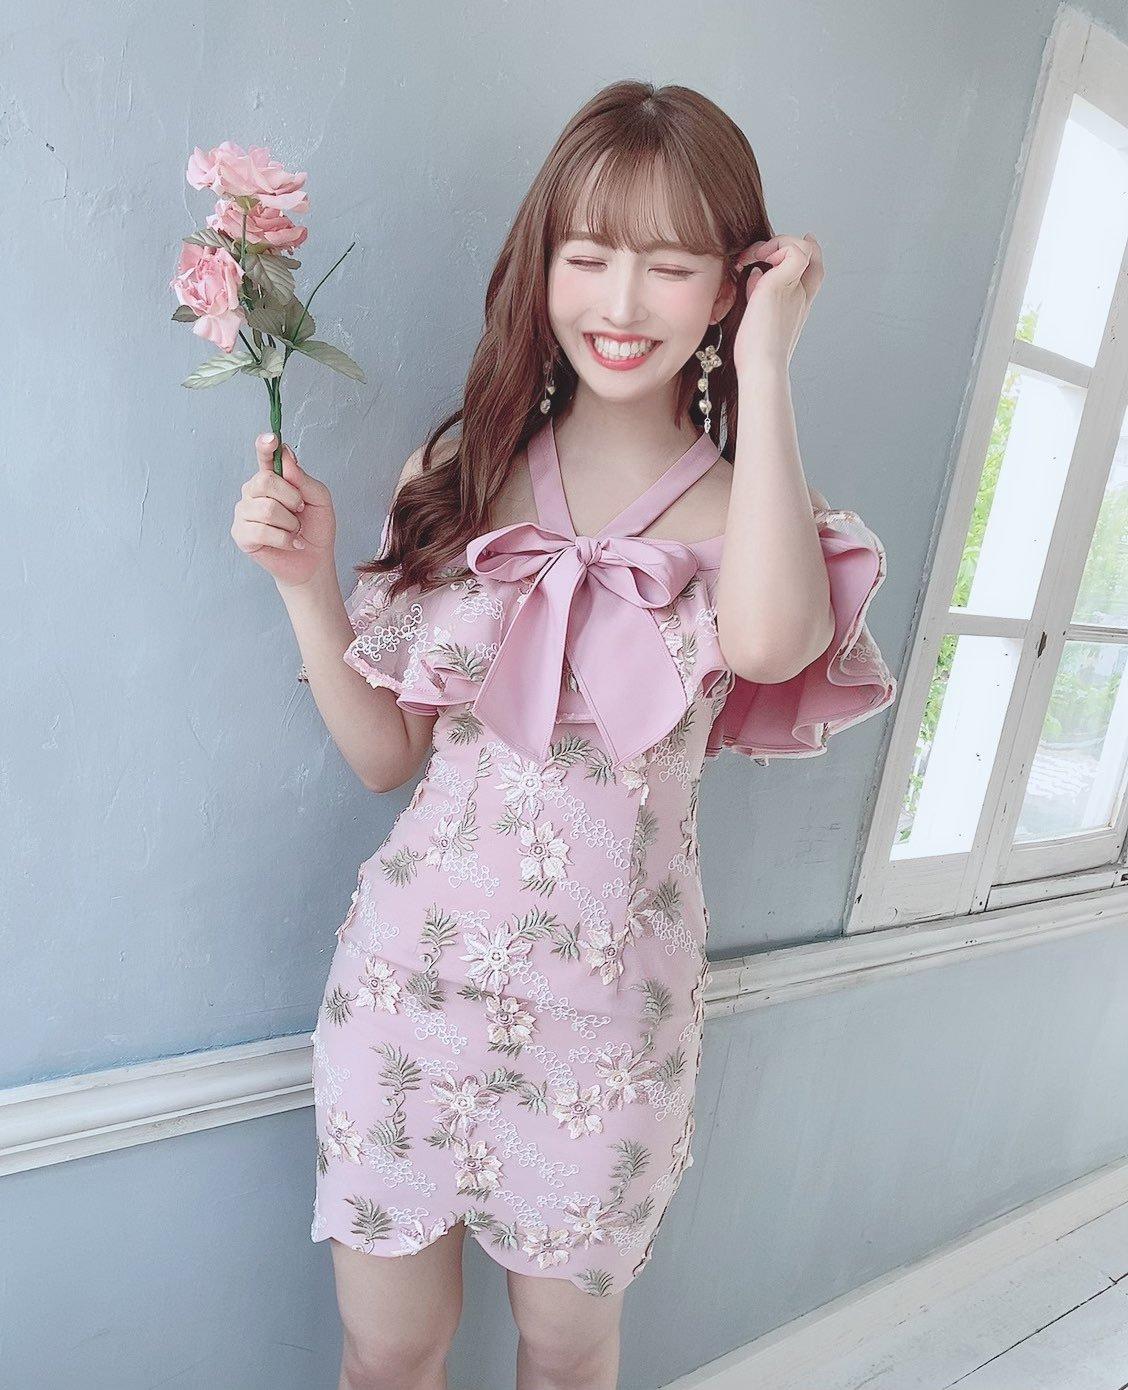 yua_mikami 1270618529268563968_p1